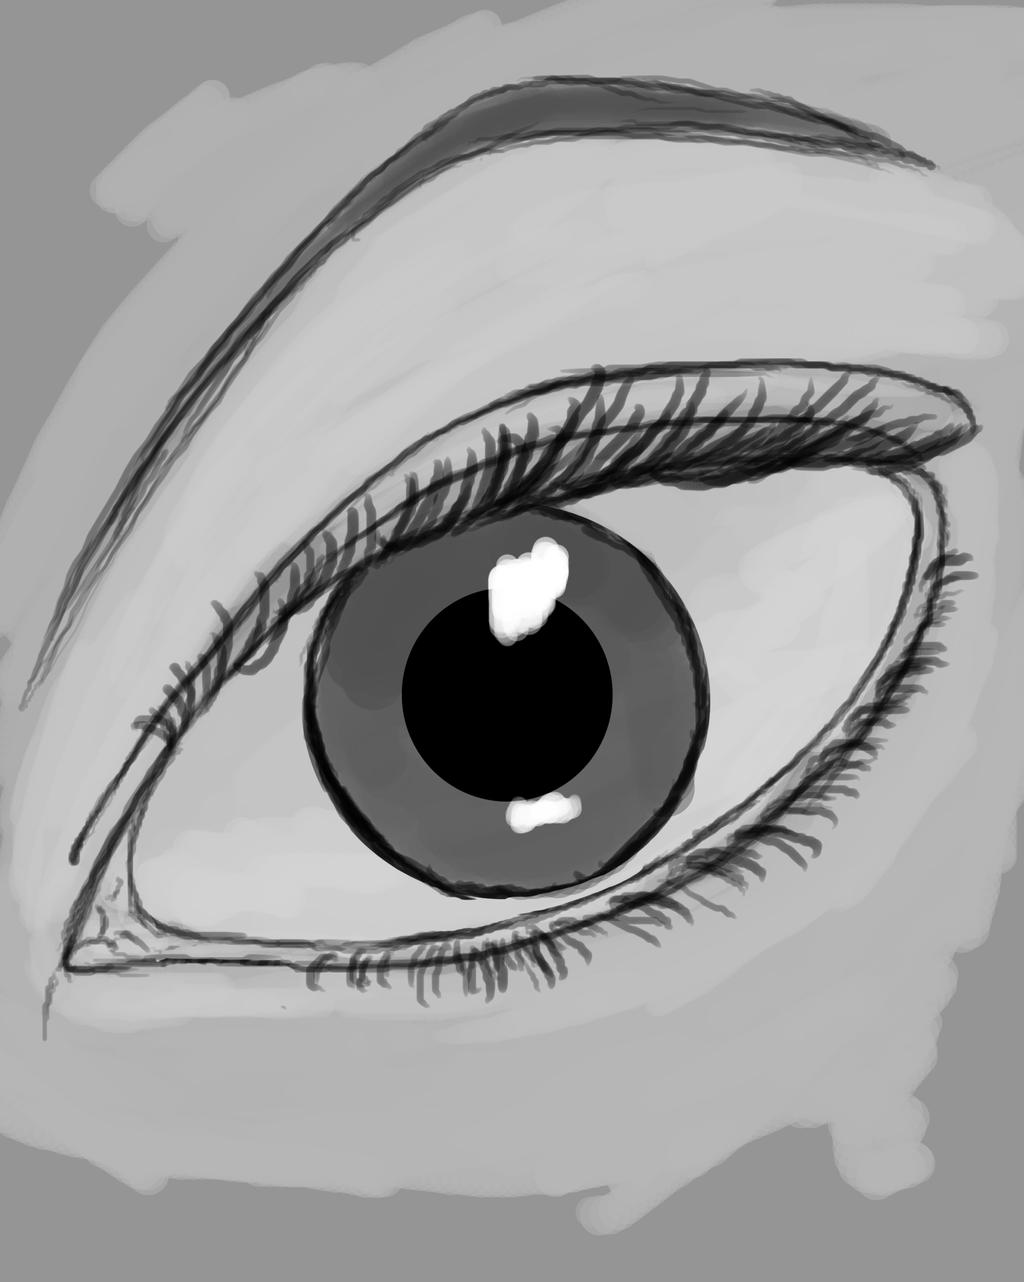 Eye Sketch Daily sketch #479 by GothicVampireFreak